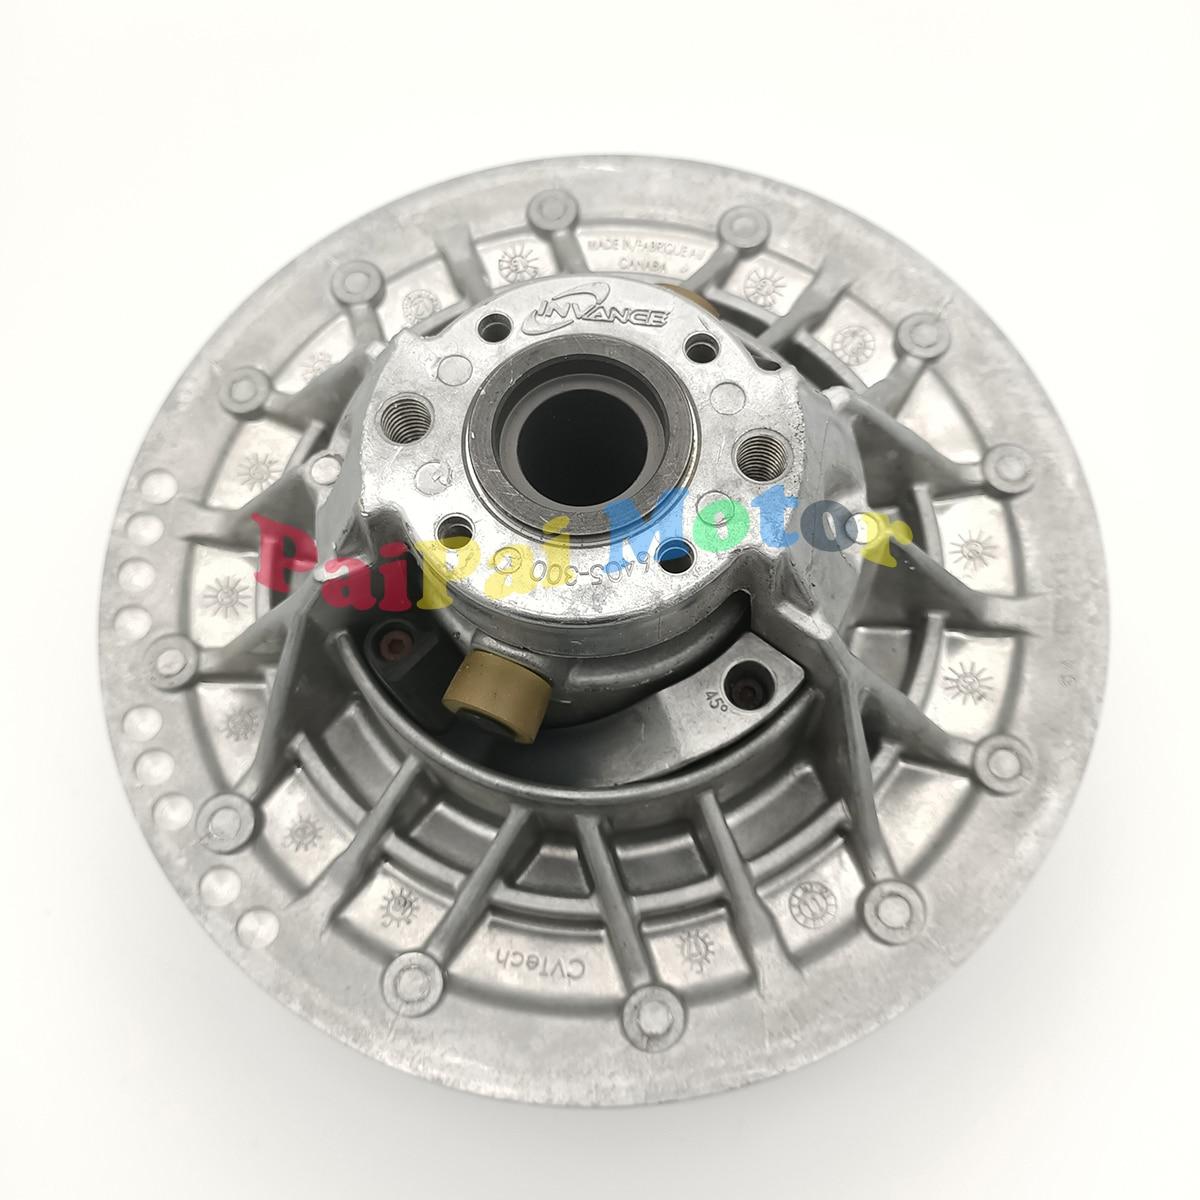 CVTech Secondary clutch Fits for LINHAI 700 750 ATV UTV enlarge